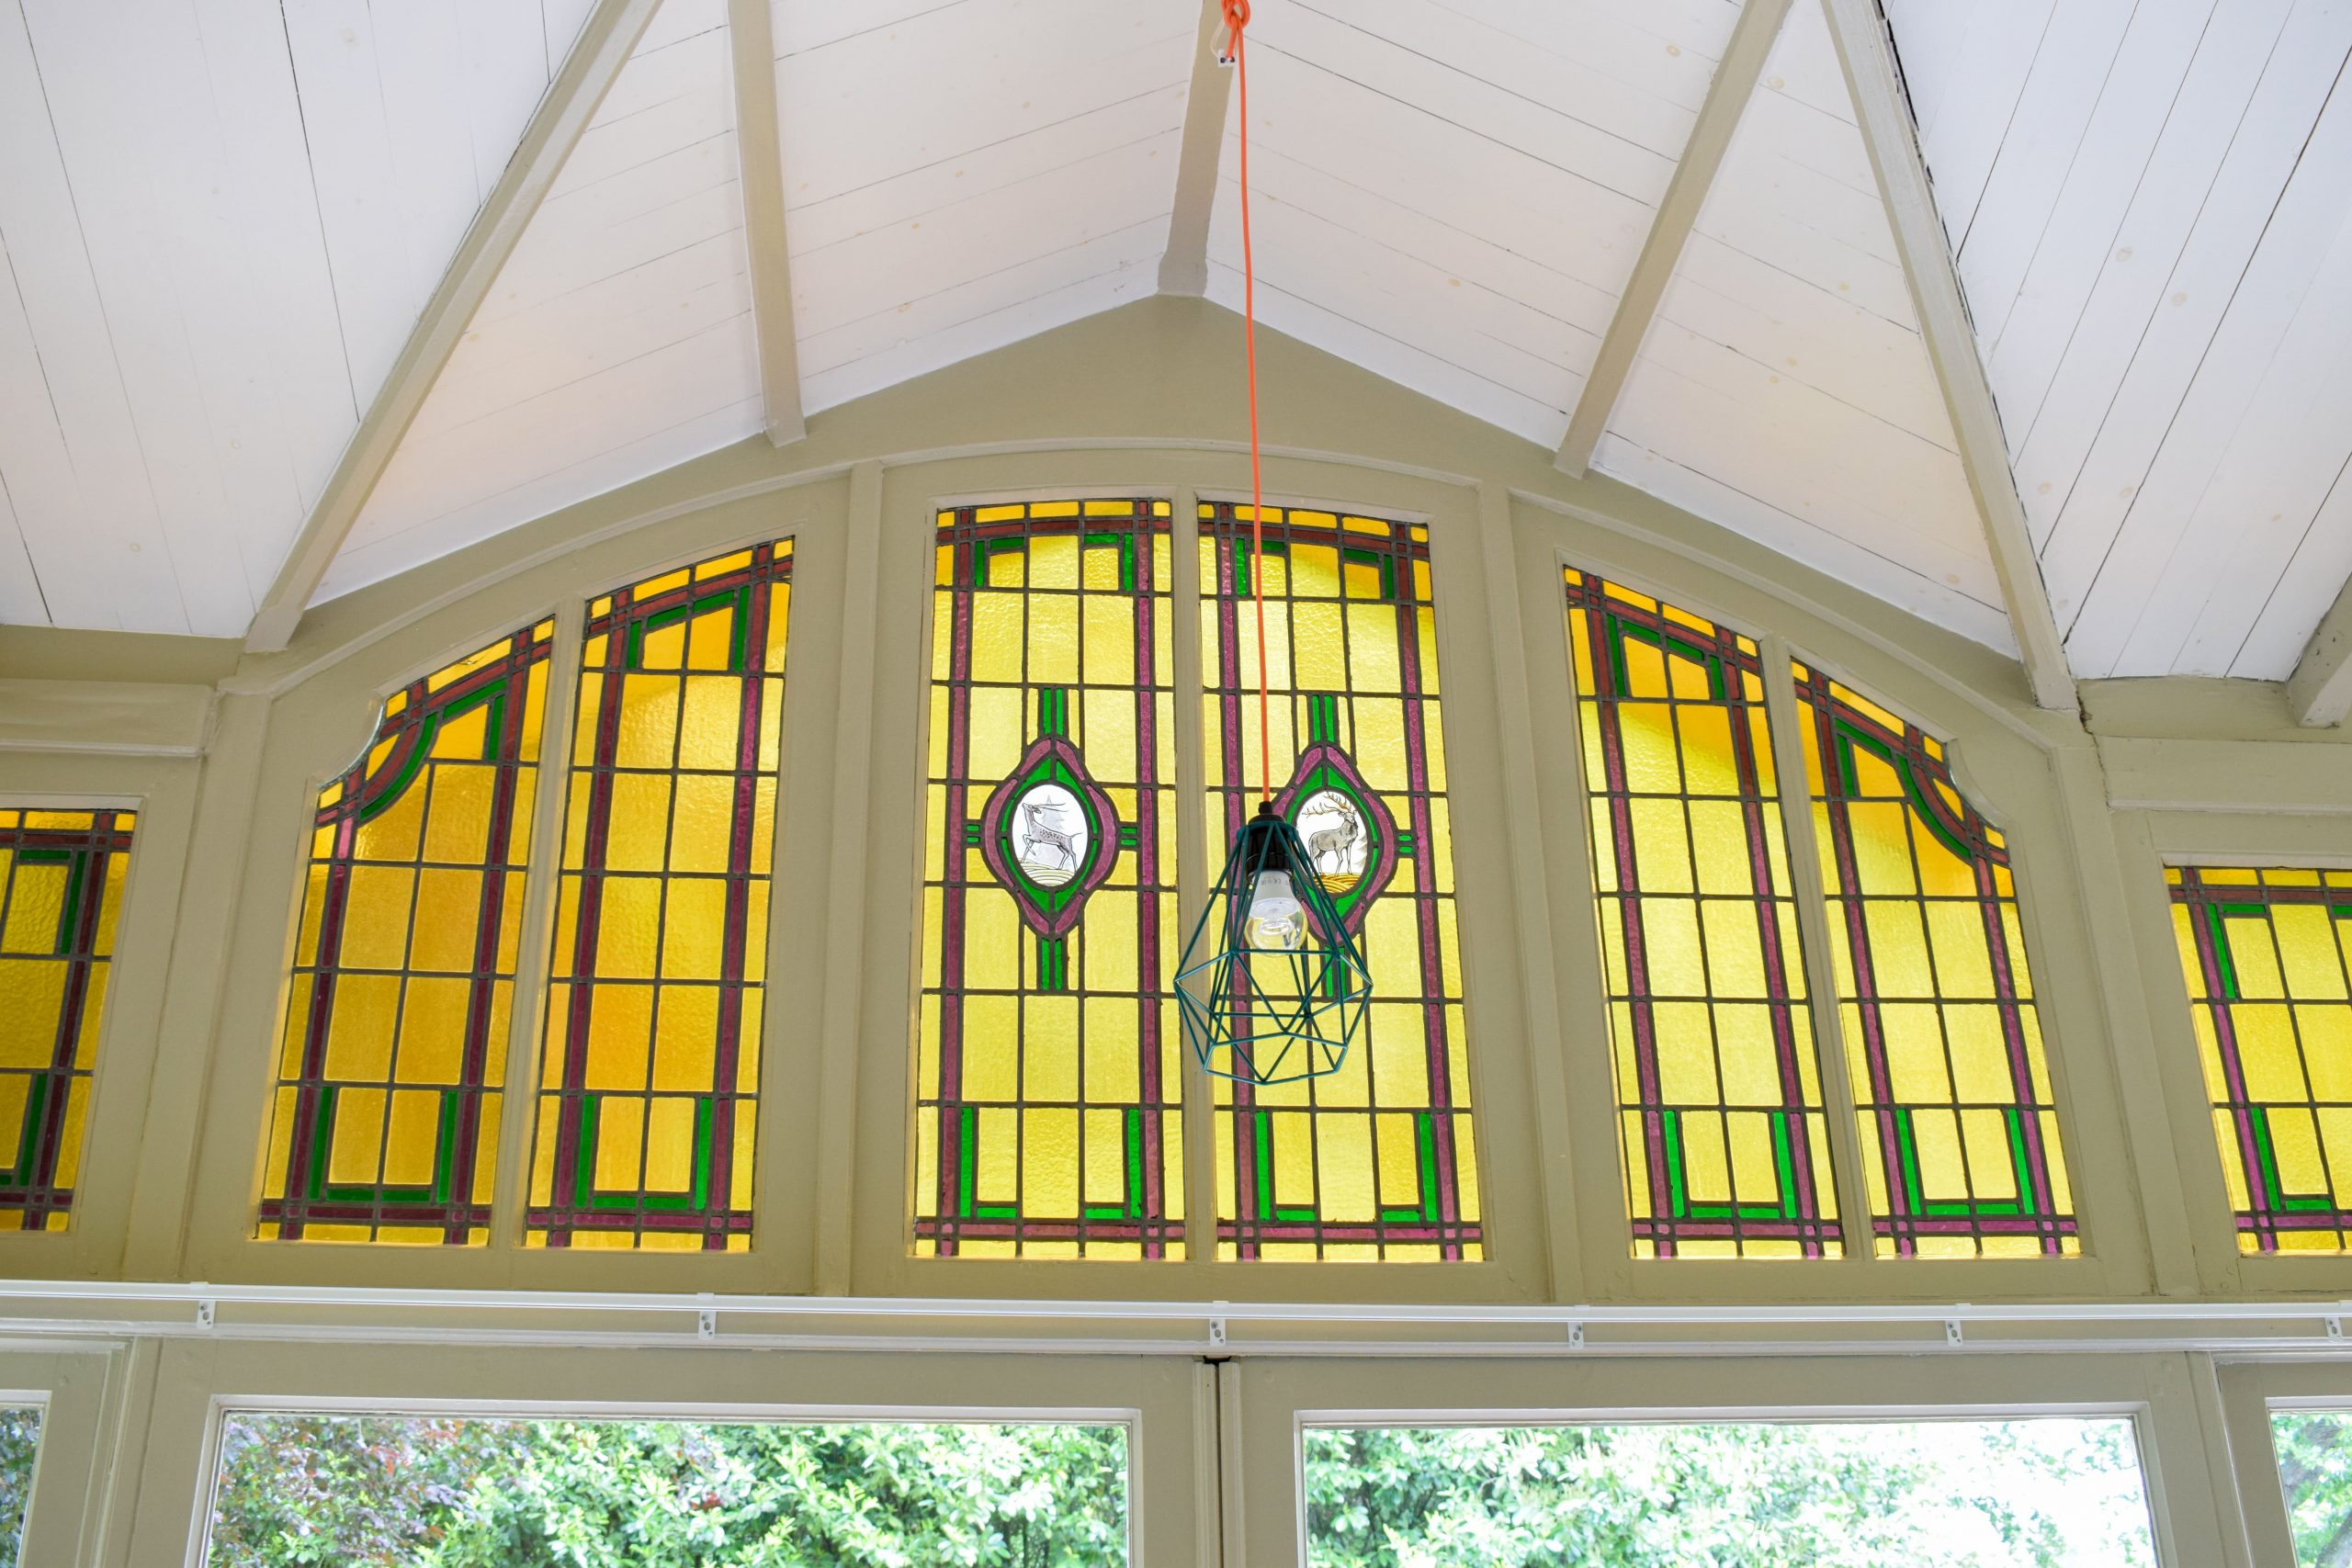 alvast-goed-vastgoedstylling-glas-in-lood